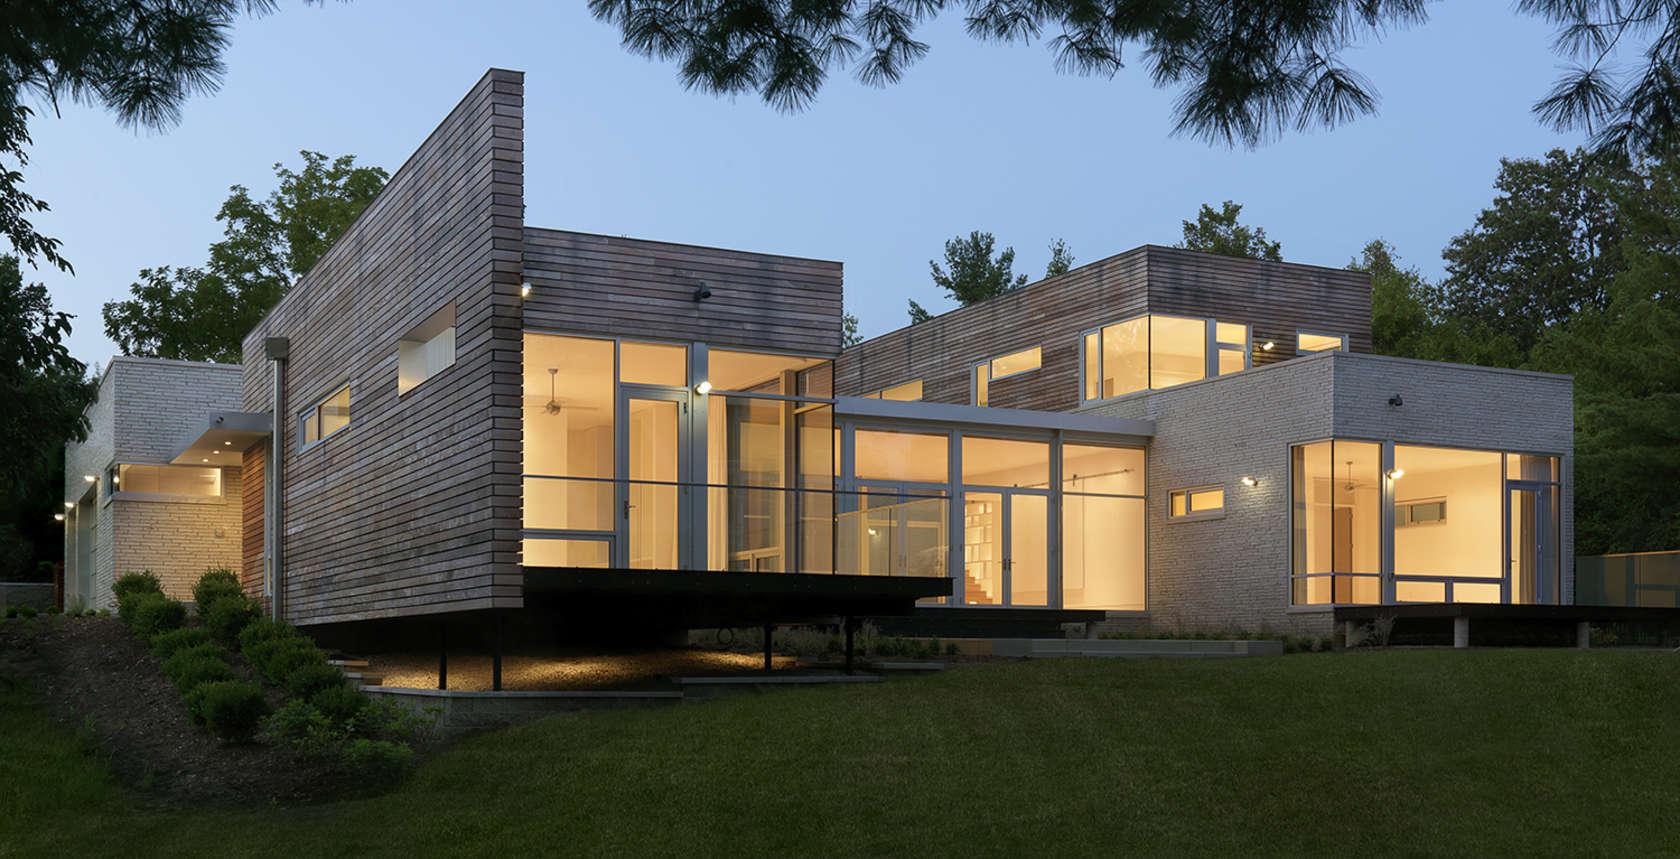 Impressionnante maison contemporaine l - Maison de ville architecture contemporaine ...